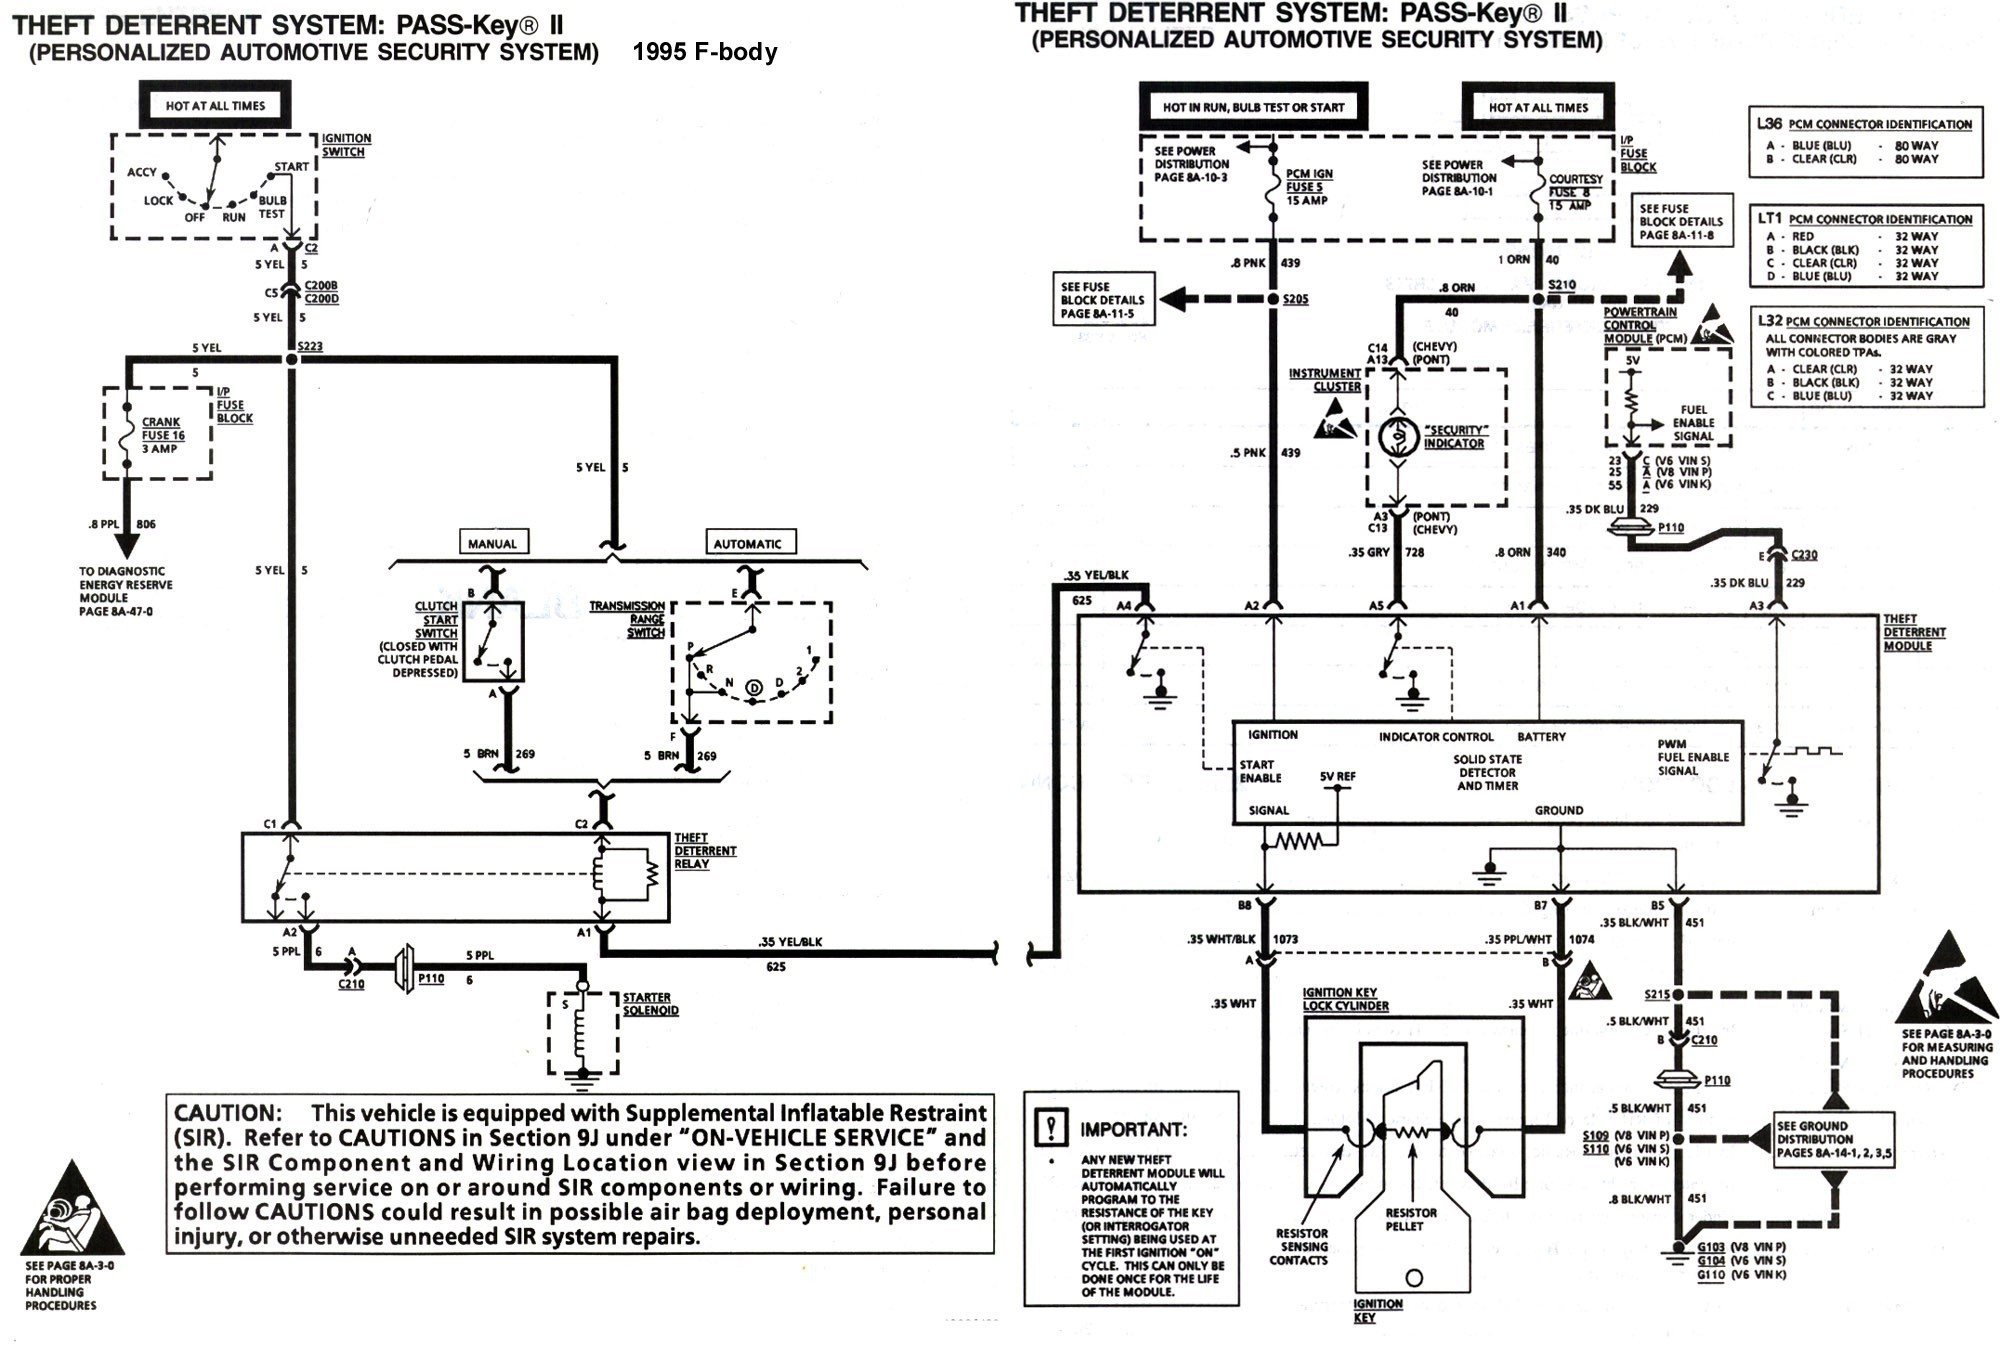 5 7 Liter Chevy Engine Diagram 5 3 Vortec Engine Diagram Wiring Diagram Inside Of 5 7 Liter Chevy Engine Diagram